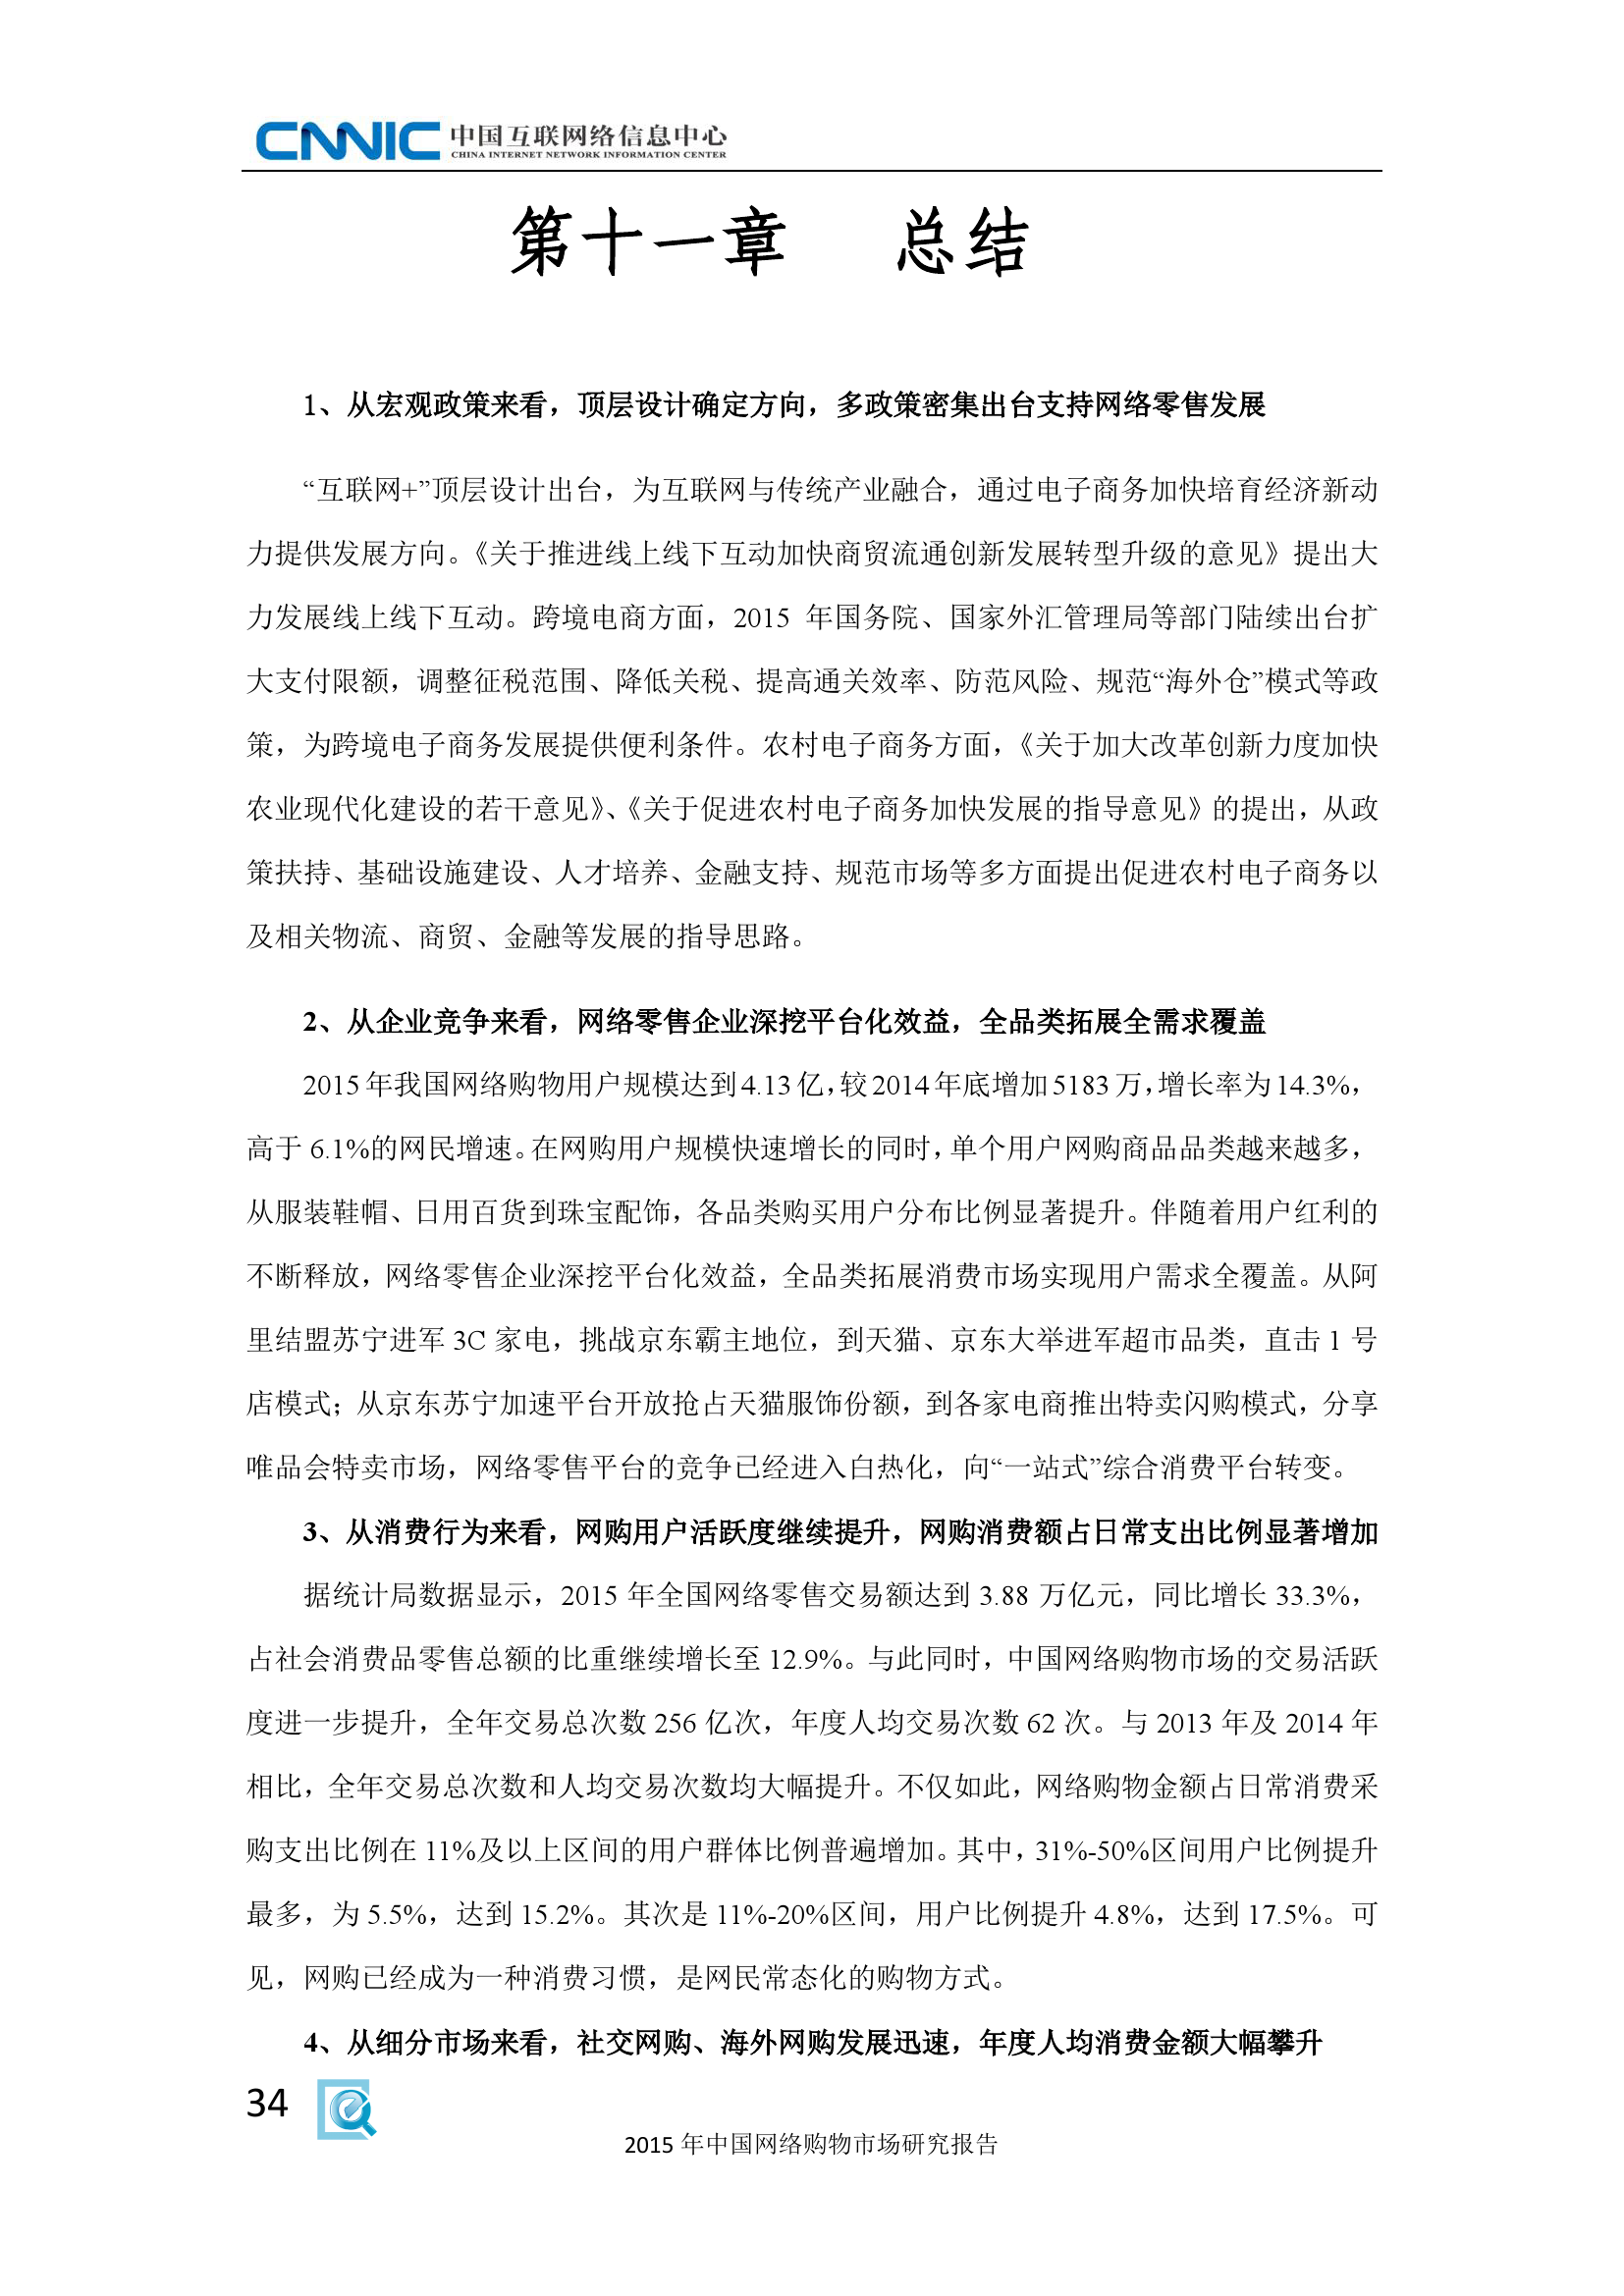 2015年中国网络购物市场研究报告_000042